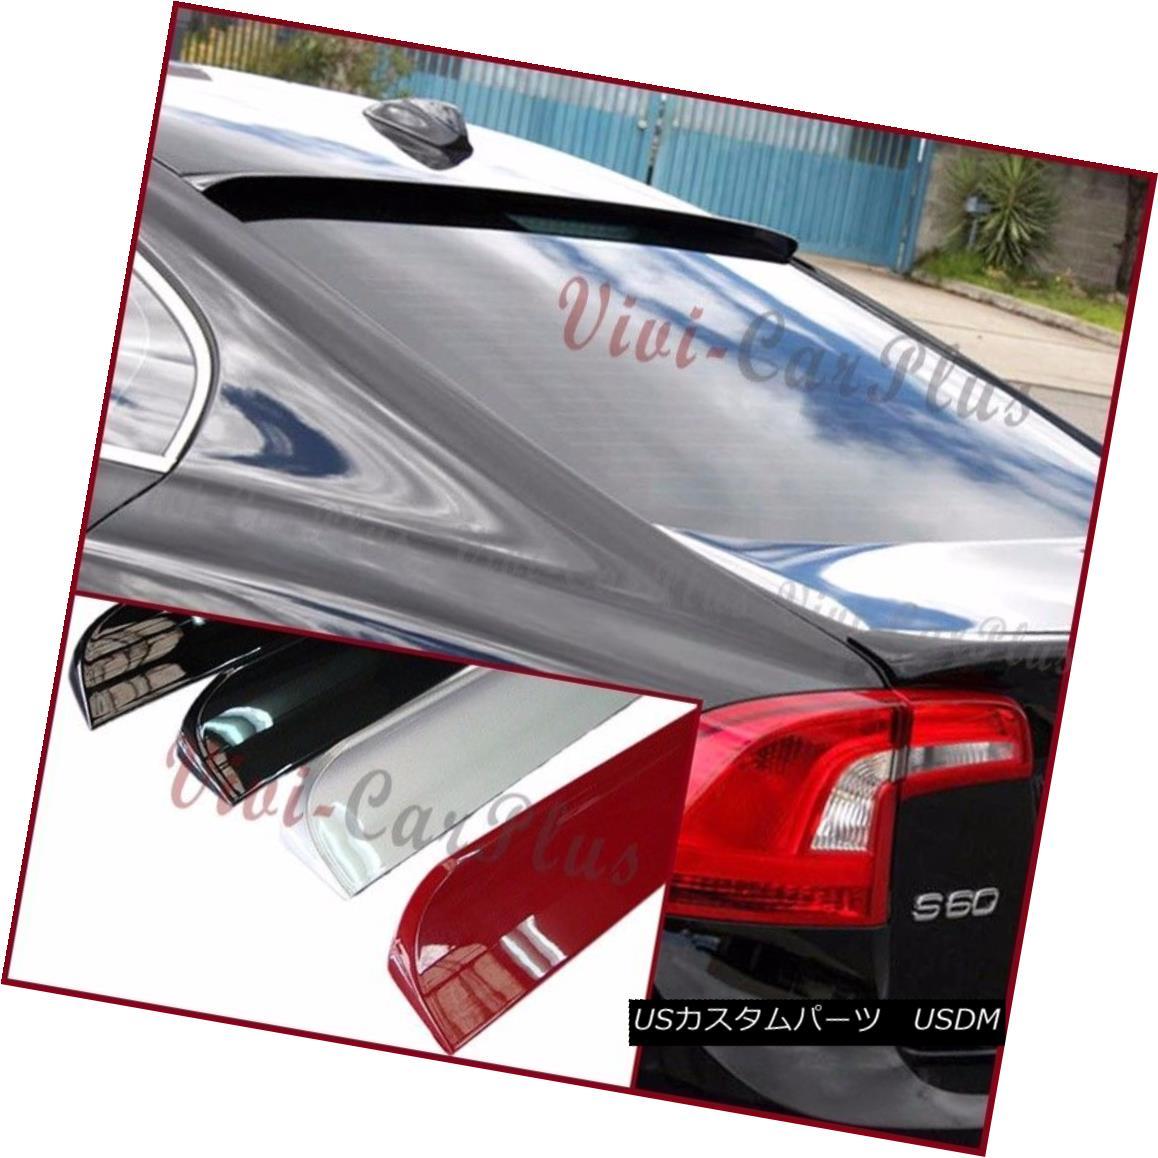 エアロパーツ Painted B Type PU Roof Spoiler For 11-15 VOLVO S60 T5 T6 Sedan Rear Visor Wing 11-15 VOLVO S60 T5 T6セダンリアバイザーウイング用ペイントBタイプPUルーフスポイラー